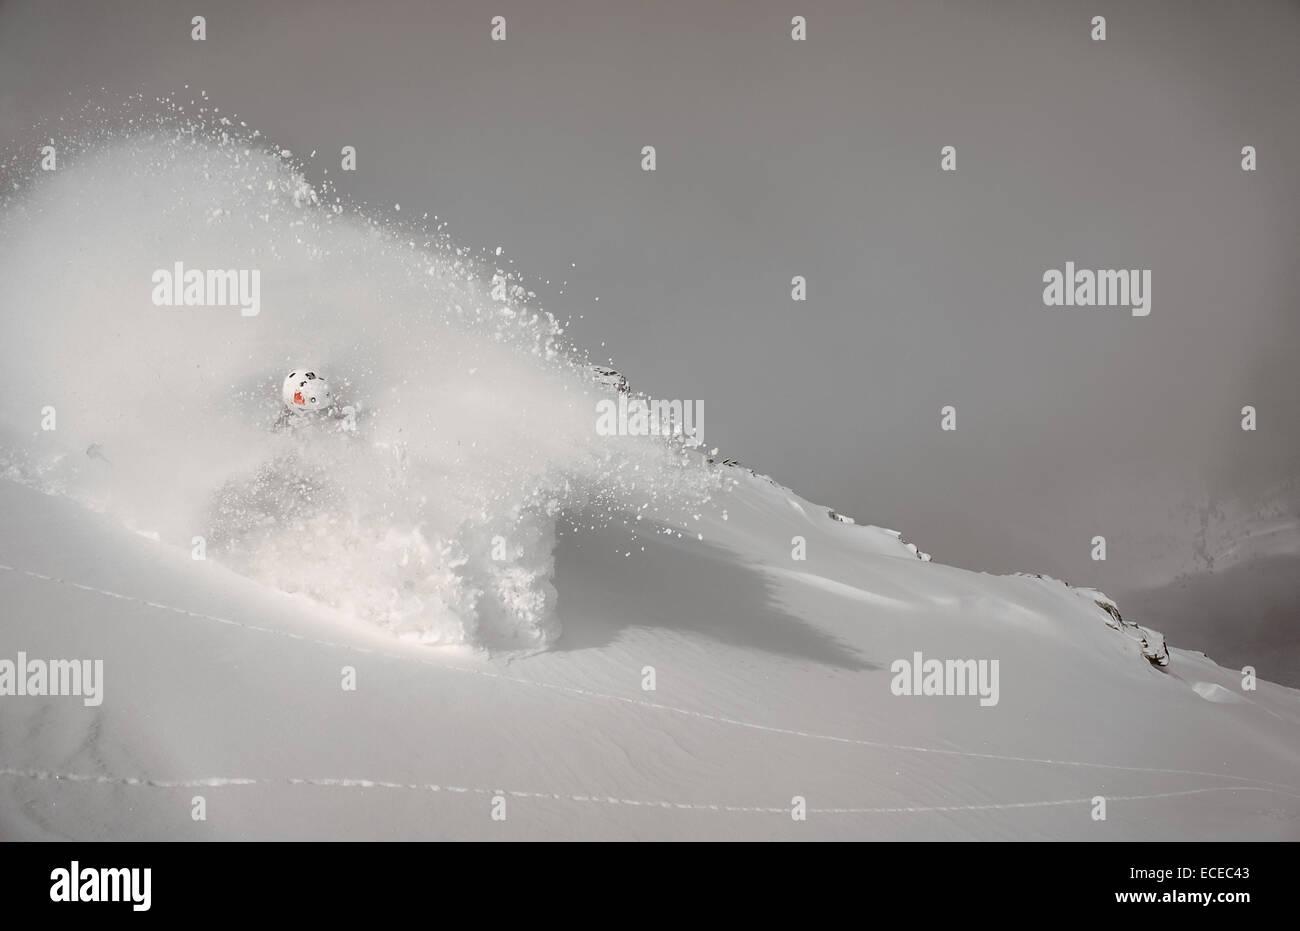 Austria, Salzburg, Gastein, Skier descending slope in cloud of powder snow - Stock Image